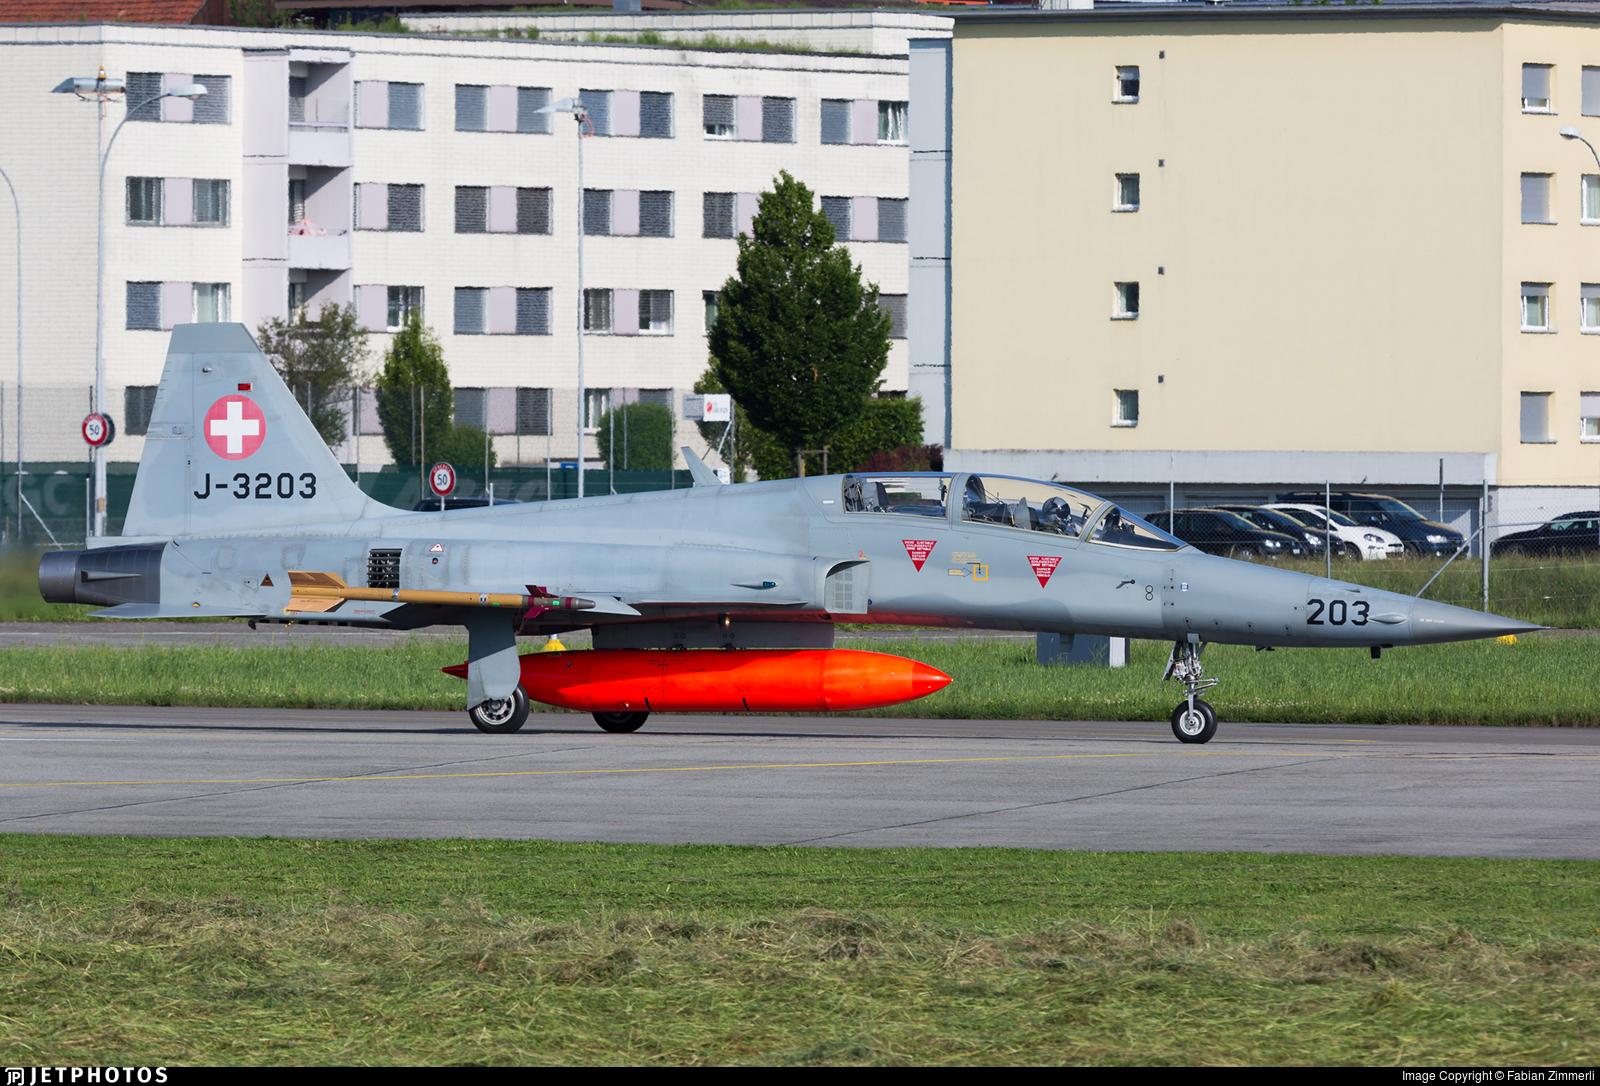 J-3203 - Northrop F-5F Tiger II - Switzerland - Air Force